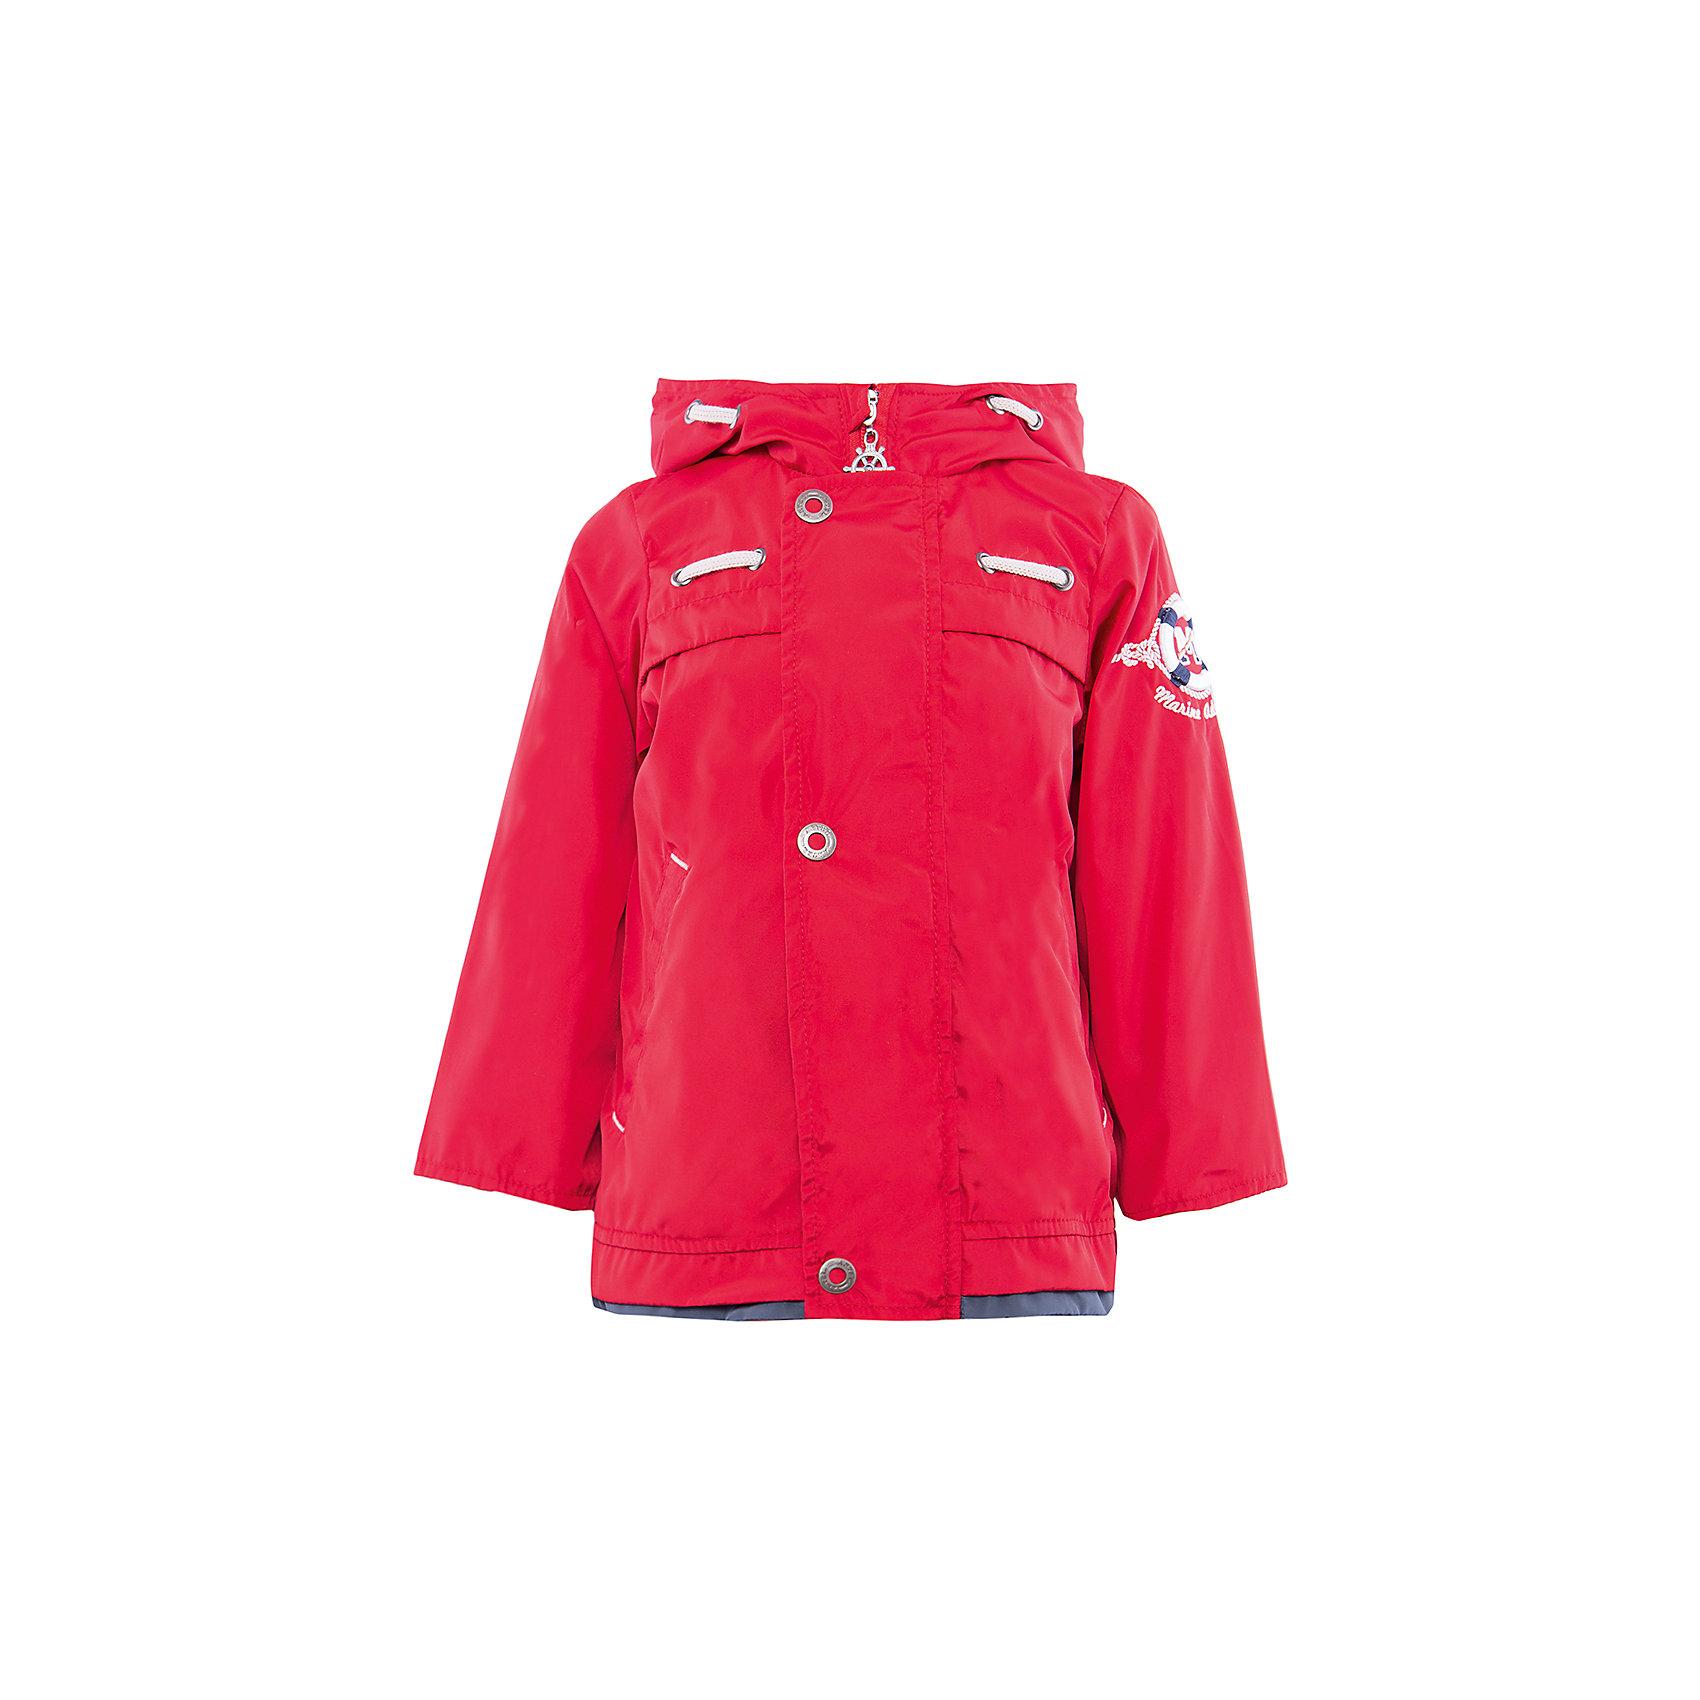 Ветровка для мальчика АртельВетровка для мальчика от торговой марки Артель &#13;<br>&#13;<br>Модная легкая куртка отлично подойдет для прогулок в прохладную погоду. Изделие выполнено из качественных материалов, имеет удобные карманы и капюшон. <br>Одежда от бренда Артель – это высокое качество по приемлемой цене и всегда продуманный дизайн. &#13;<br>&#13;<br>Особенности модели: &#13;<br>- цвет - красный;&#13;<br>- наличие карманов;&#13;<br>- наличие капюшона;&#13;<br>- дизайн в морском стиле;&#13;<br>- декорирована вышивкой;&#13;<br>- застежка-молния.&#13;<br>&#13;<br>Дополнительная информация:&#13;<br>&#13;<br>Состав: &#13;<br>- верх: PRINC;&#13;<br>- подкладка: хлопок интерлок, тиси.&#13;<br>&#13;<br>Температурный режим: &#13;<br>от +10 °C до +20 °C&#13;<br>&#13;<br>Ветровку для мальчика Артель (Artel) можно купить в нашем магазине.<br><br>Ширина мм: 356<br>Глубина мм: 10<br>Высота мм: 245<br>Вес г: 519<br>Цвет: красный<br>Возраст от месяцев: 12<br>Возраст до месяцев: 15<br>Пол: Мужской<br>Возраст: Детский<br>Размер: 98,92,80,104,86<br>SKU: 4496214